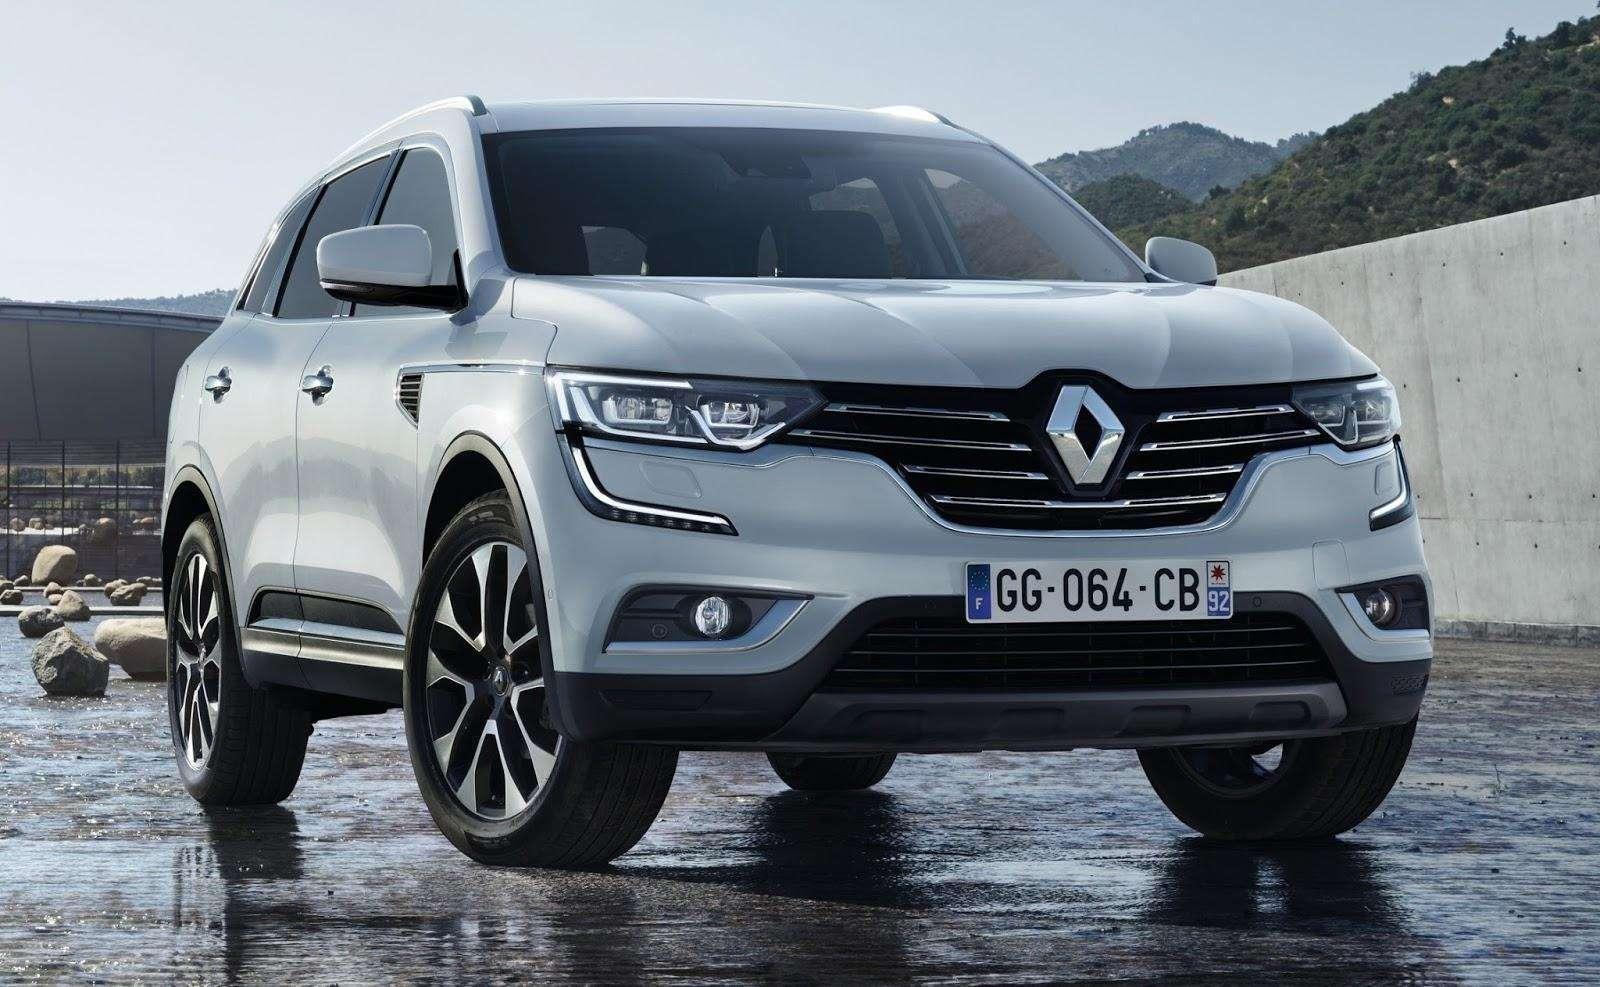 Renault_77421_global_en